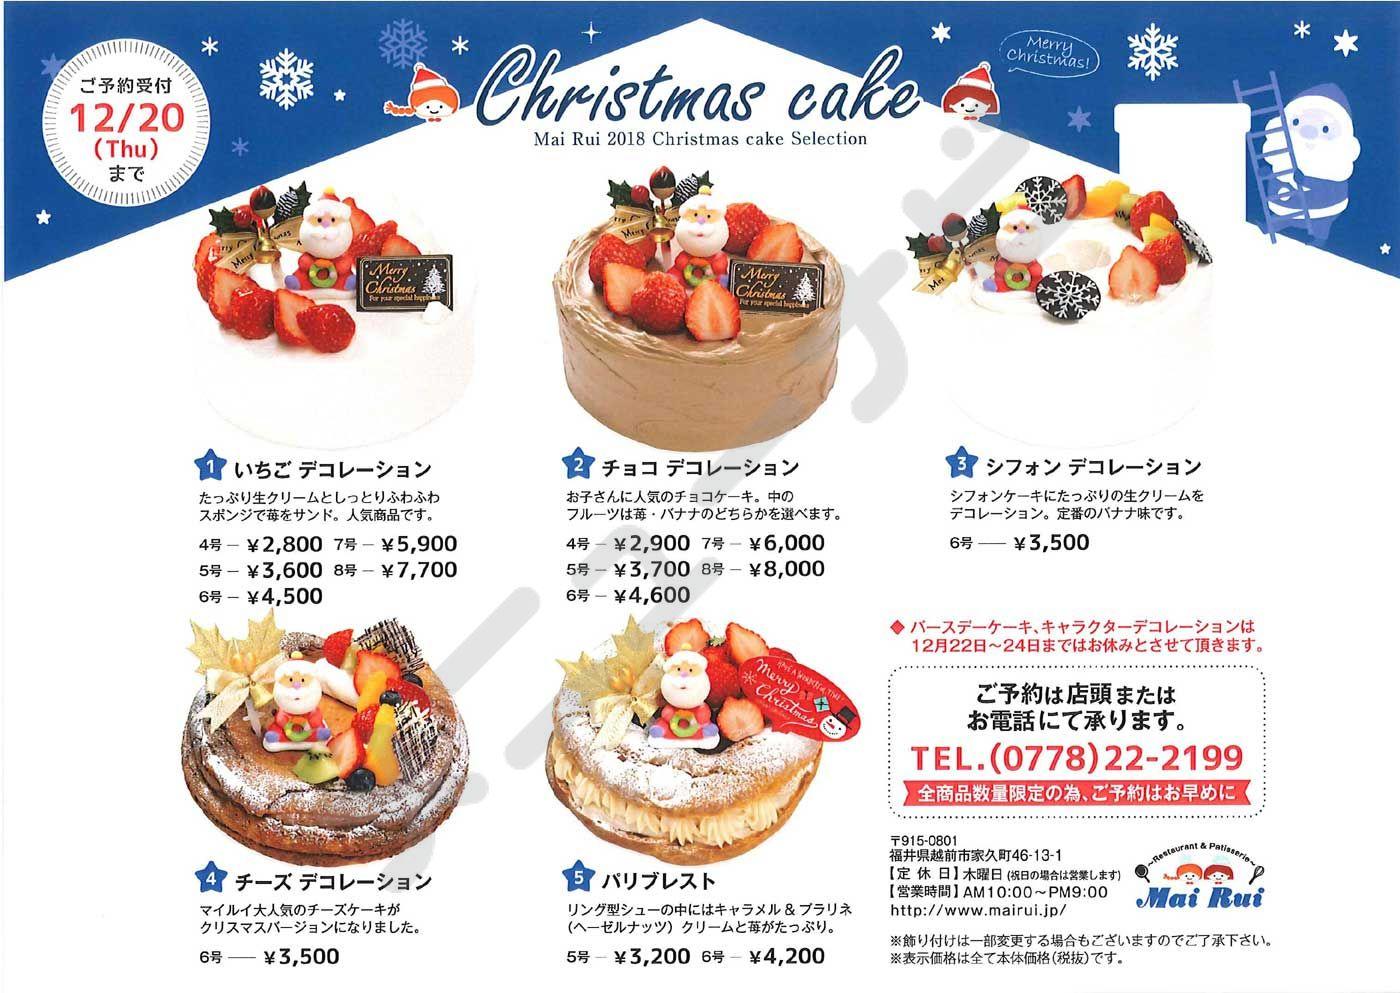 mairui クリスマスケーキ